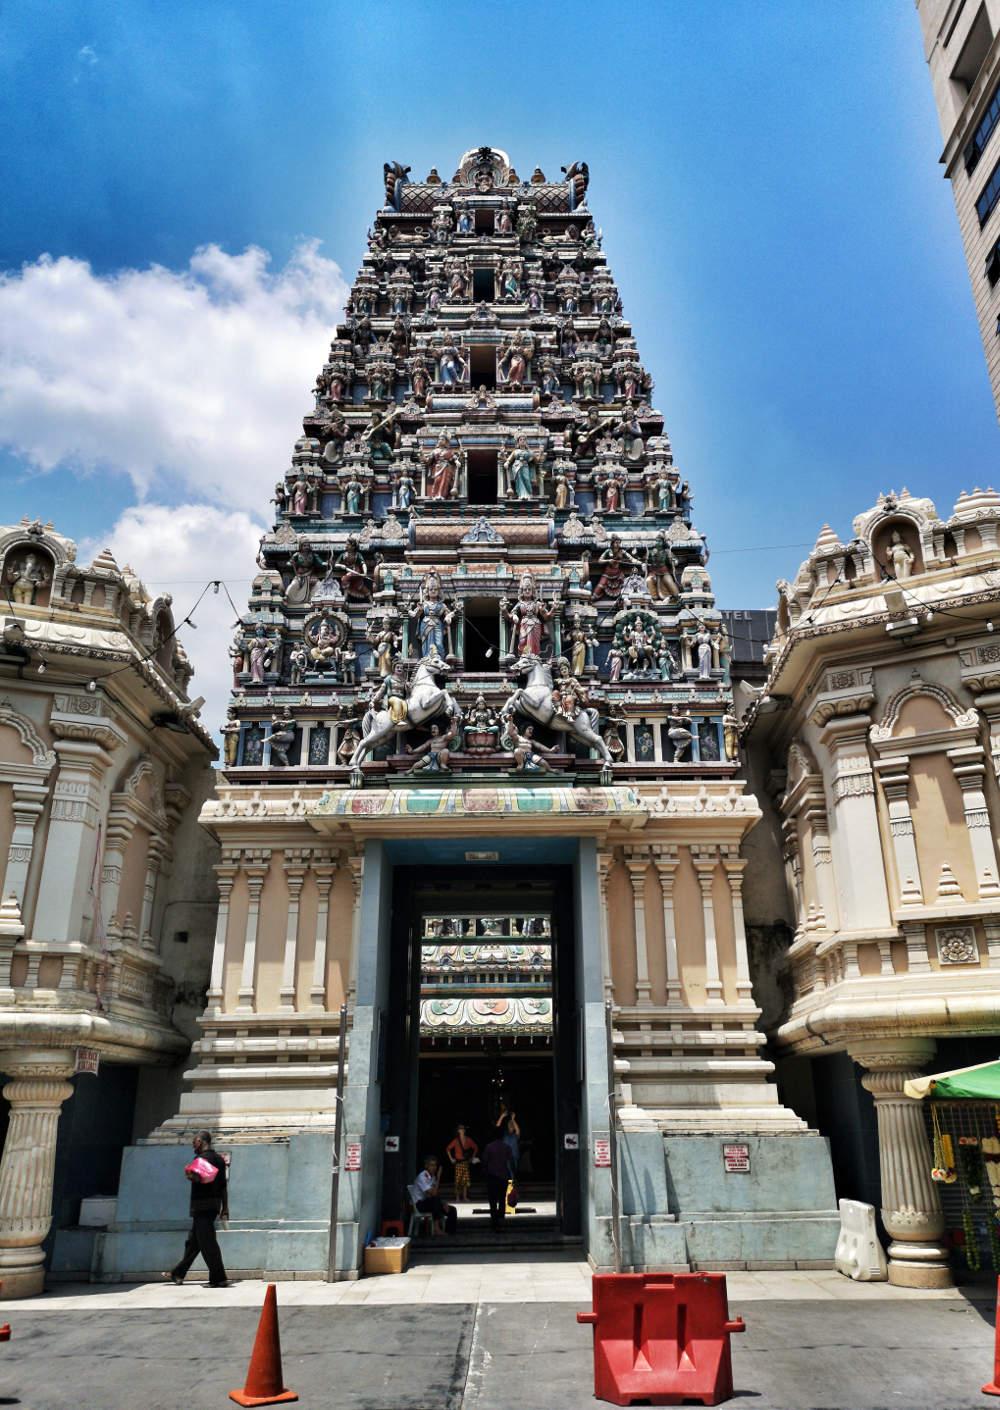 Das beeindruckende Portal bzw. der Torbogen über dem Eingang des Sri Mahamariamman Tempels begeistert mit vielen Details und Farben.